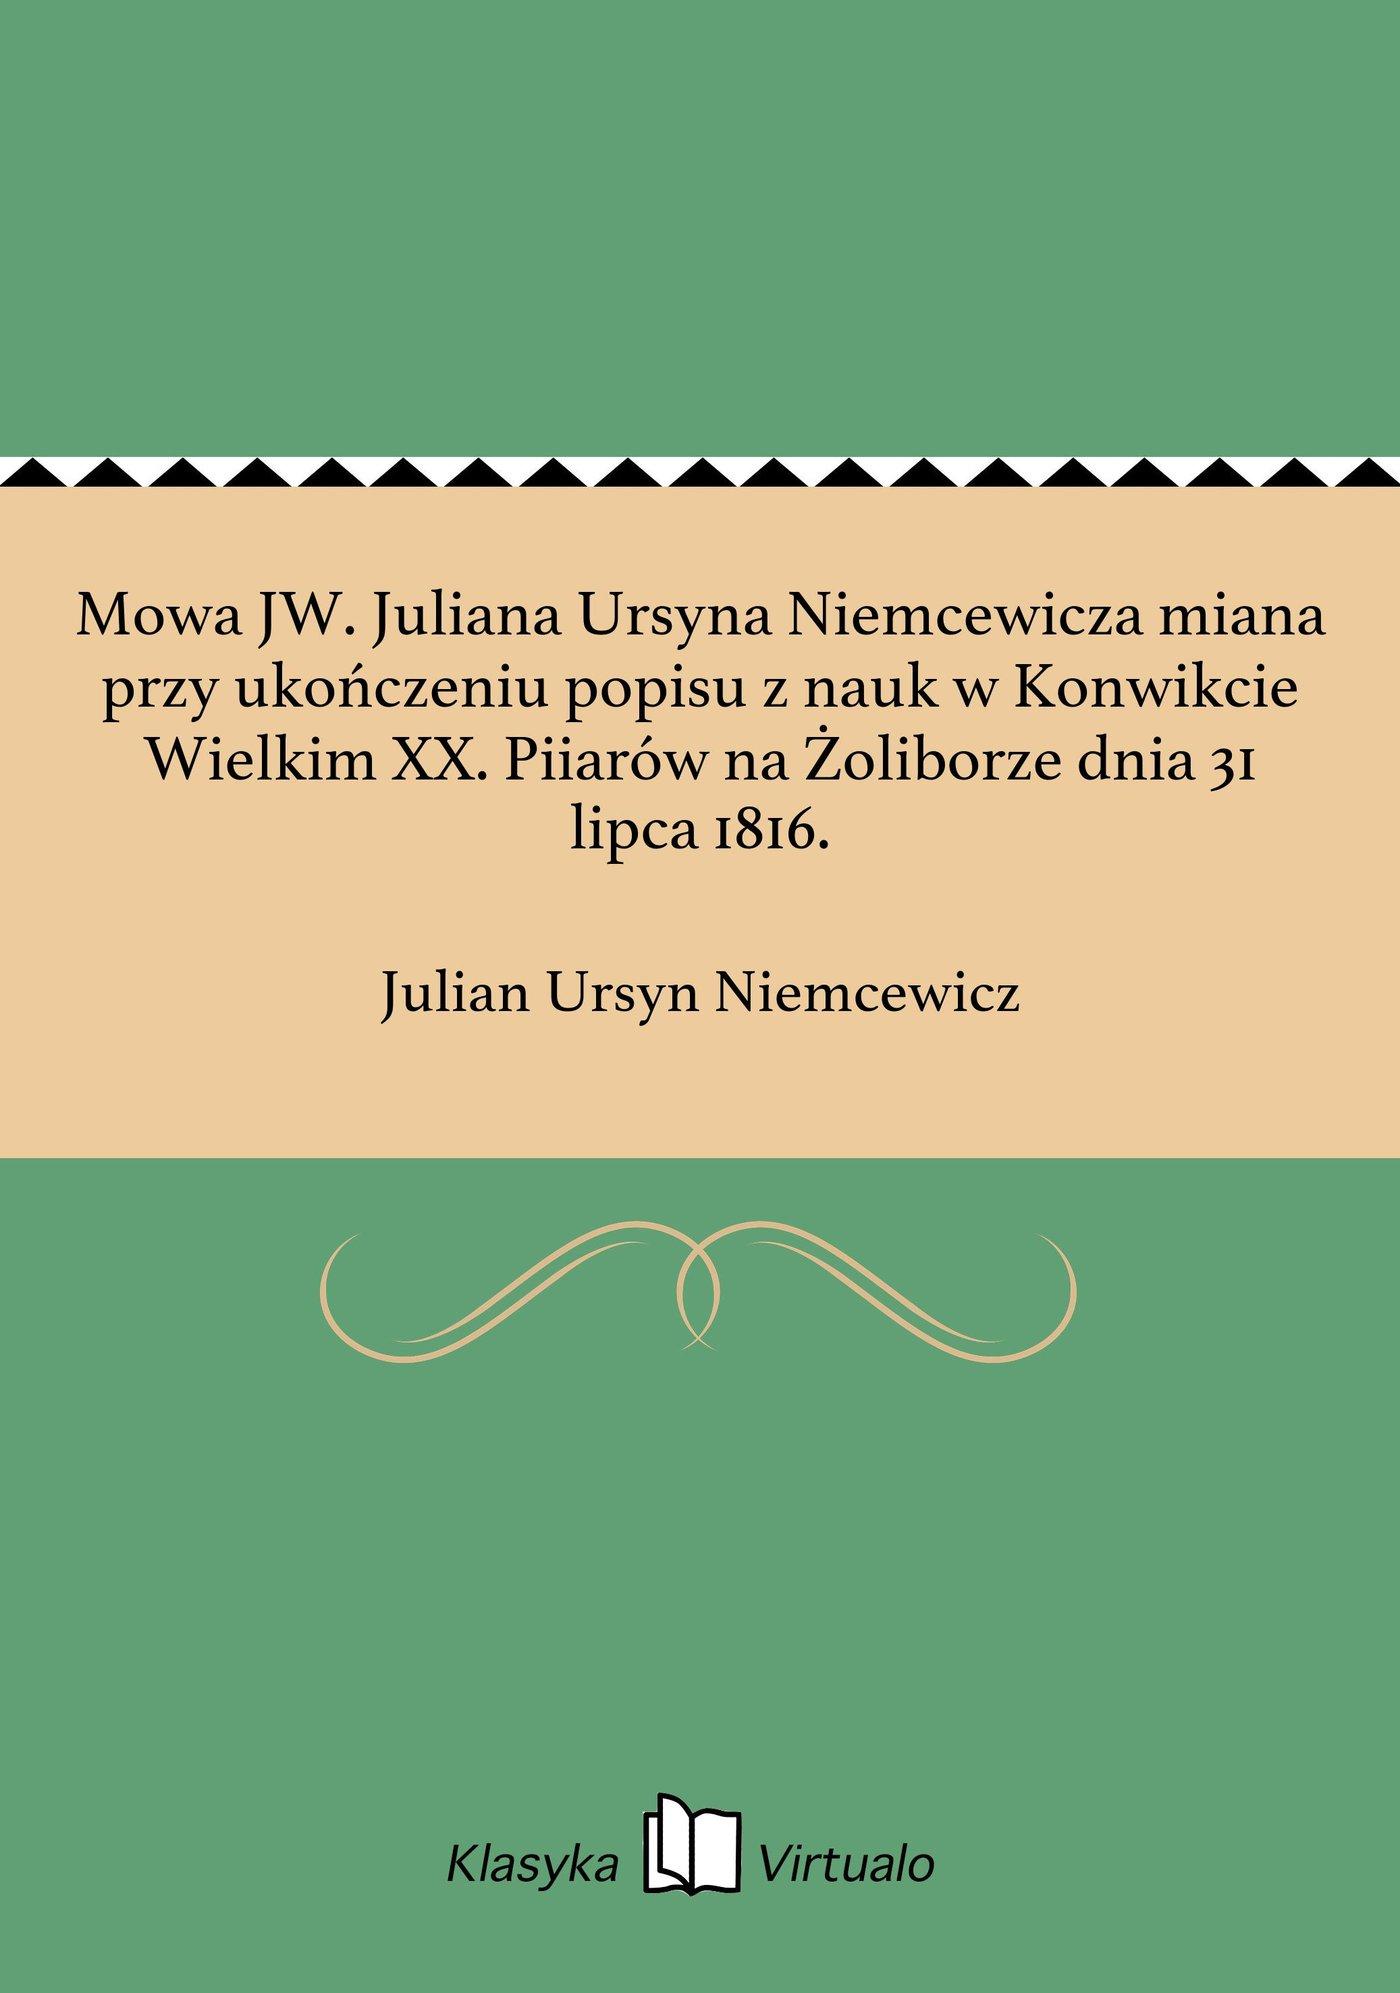 Mowa JW. Juliana Ursyna Niemcewicza miana przy ukończeniu popisu z nauk w Konwikcie Wielkim XX. Piiarów na Żoliborze dnia 31 lipca 1816. - Ebook (Książka na Kindle) do pobrania w formacie MOBI